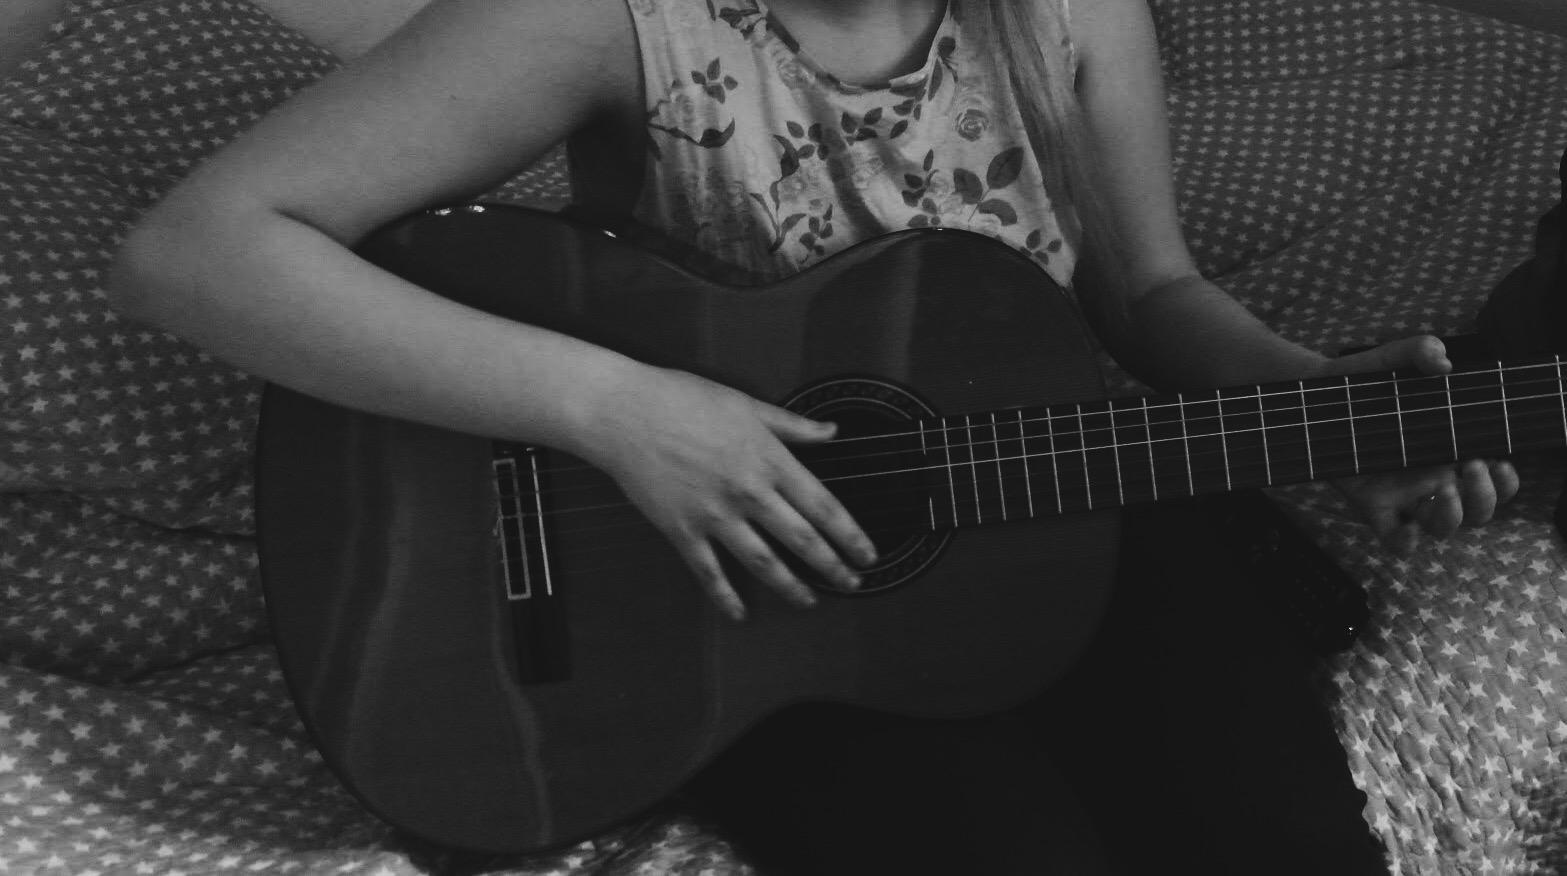 musiikki soittolista ystävänpäivä kitara kitaristi